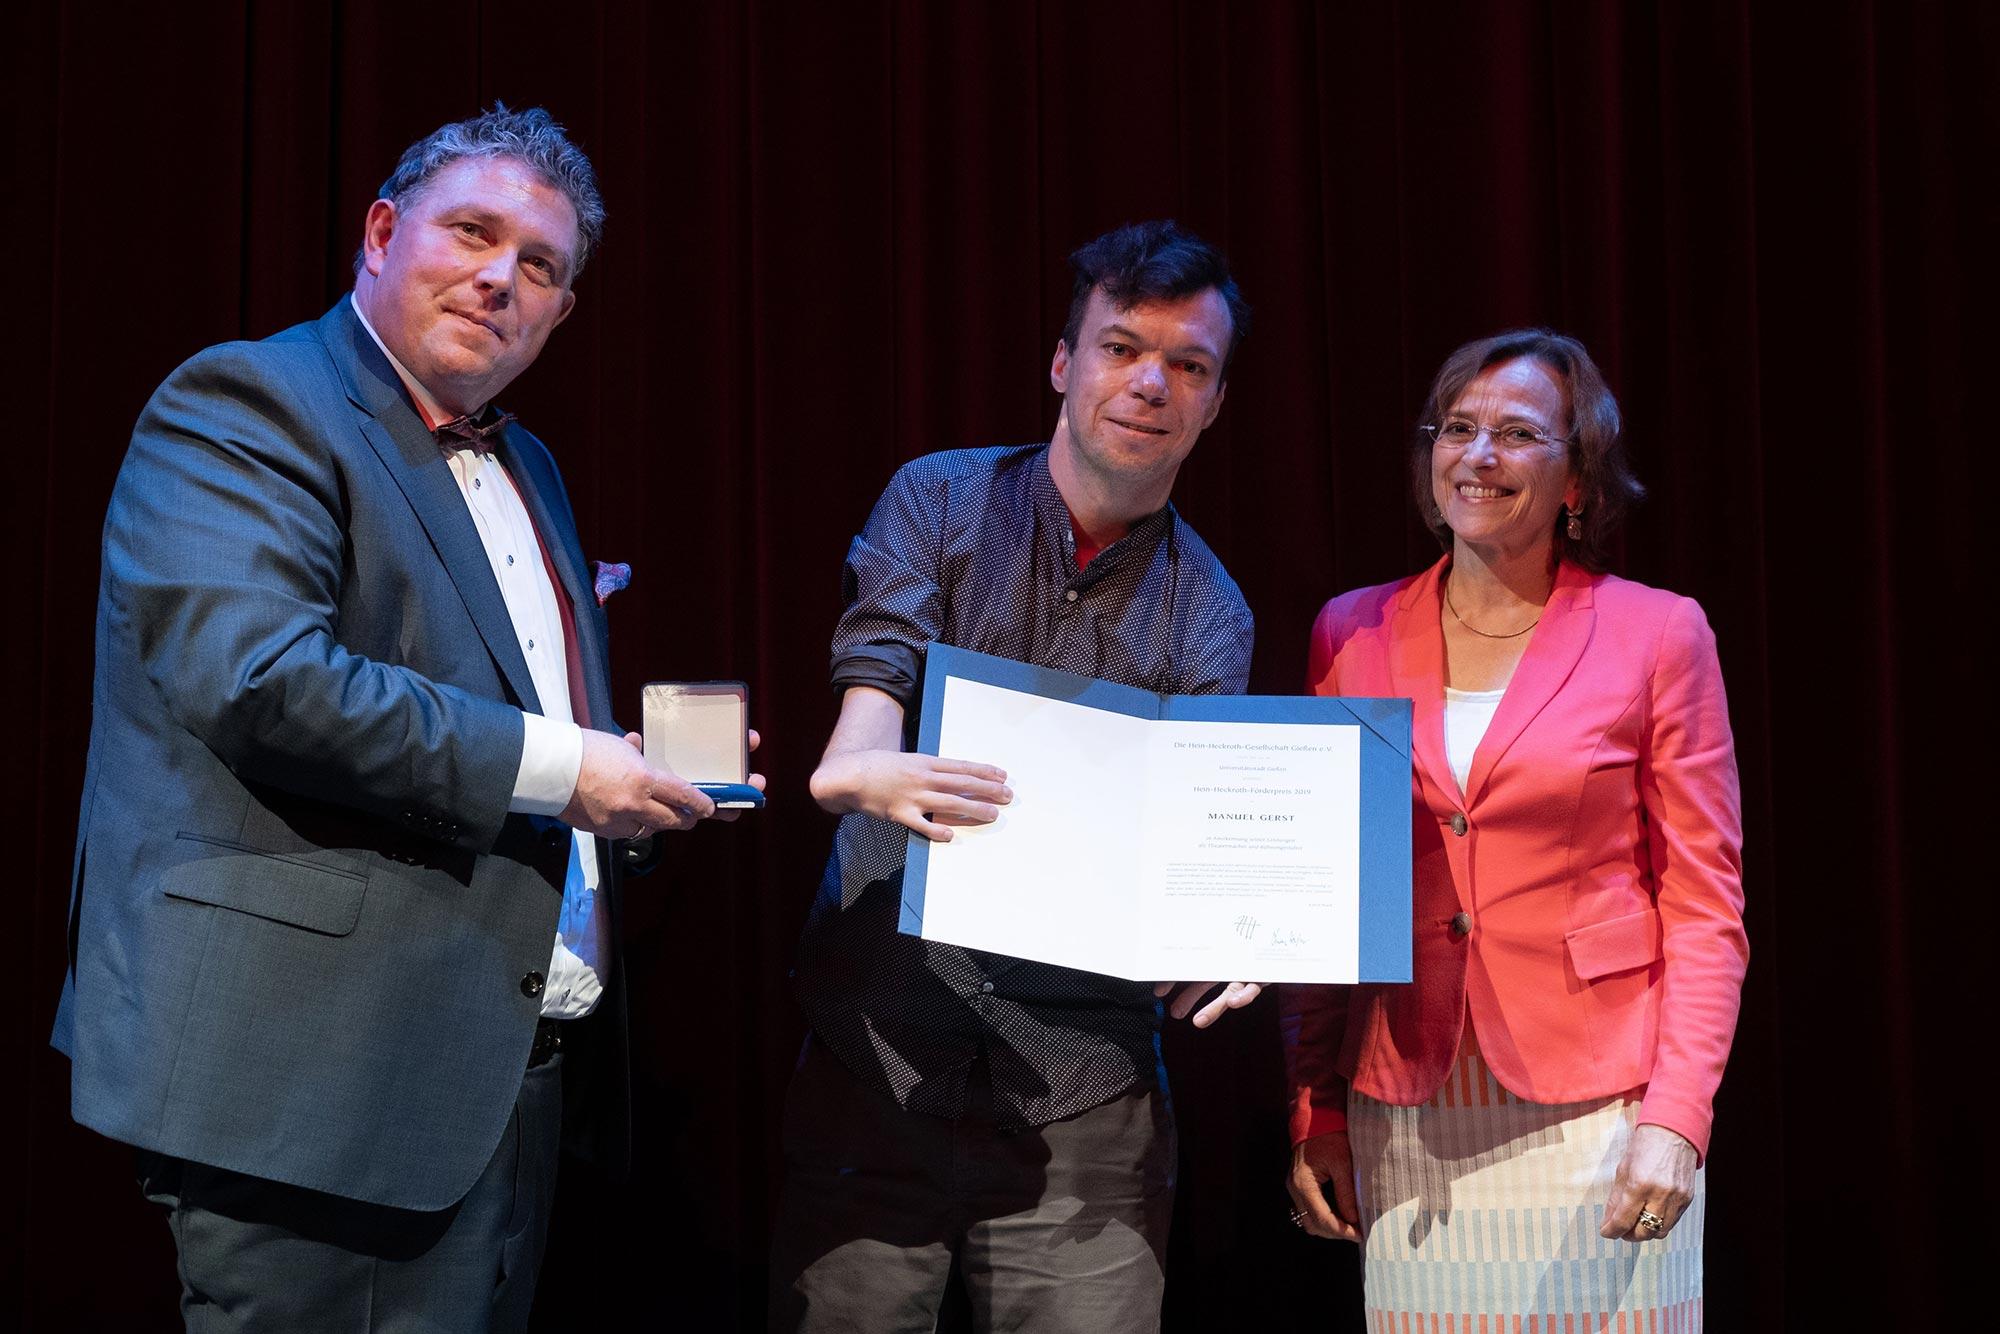 Dr. Marcus Kiefer, Manuel Gerst, Oberbürgermeisterin Dietlind Grabe-Bolz